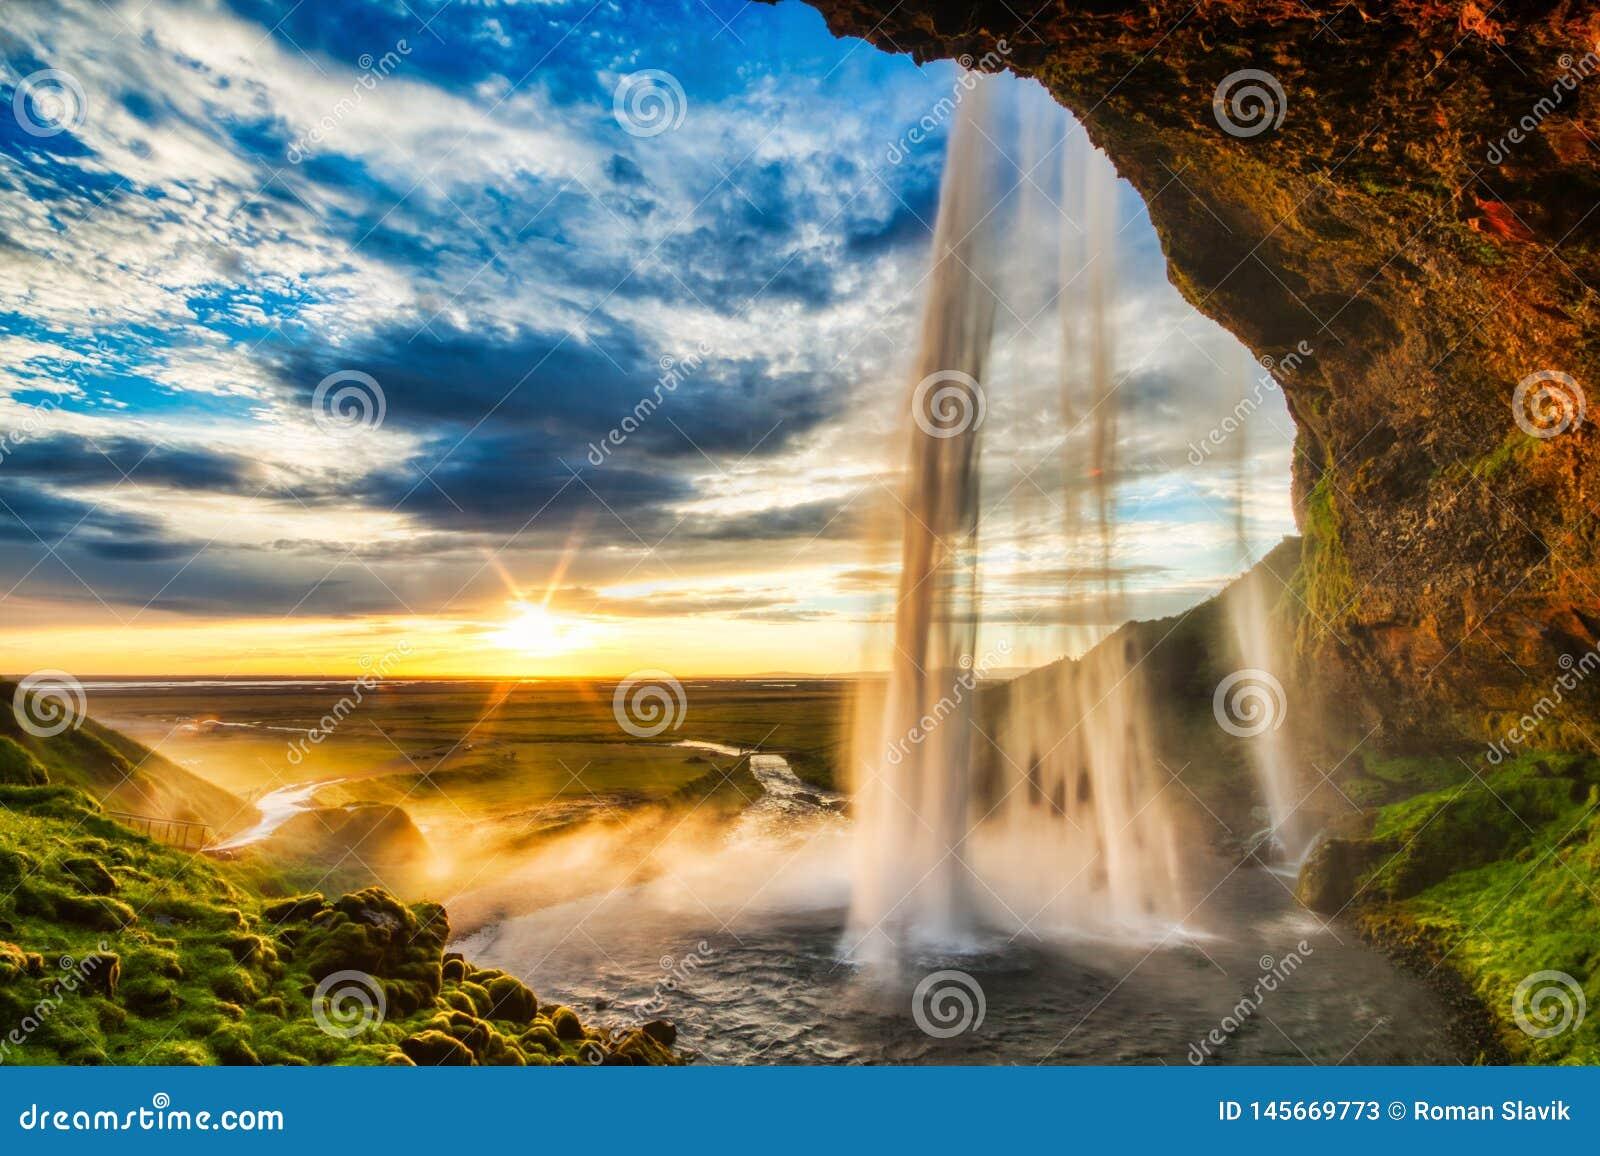 Seljalandfoss vattenfall p? solnedg?ngen, Island